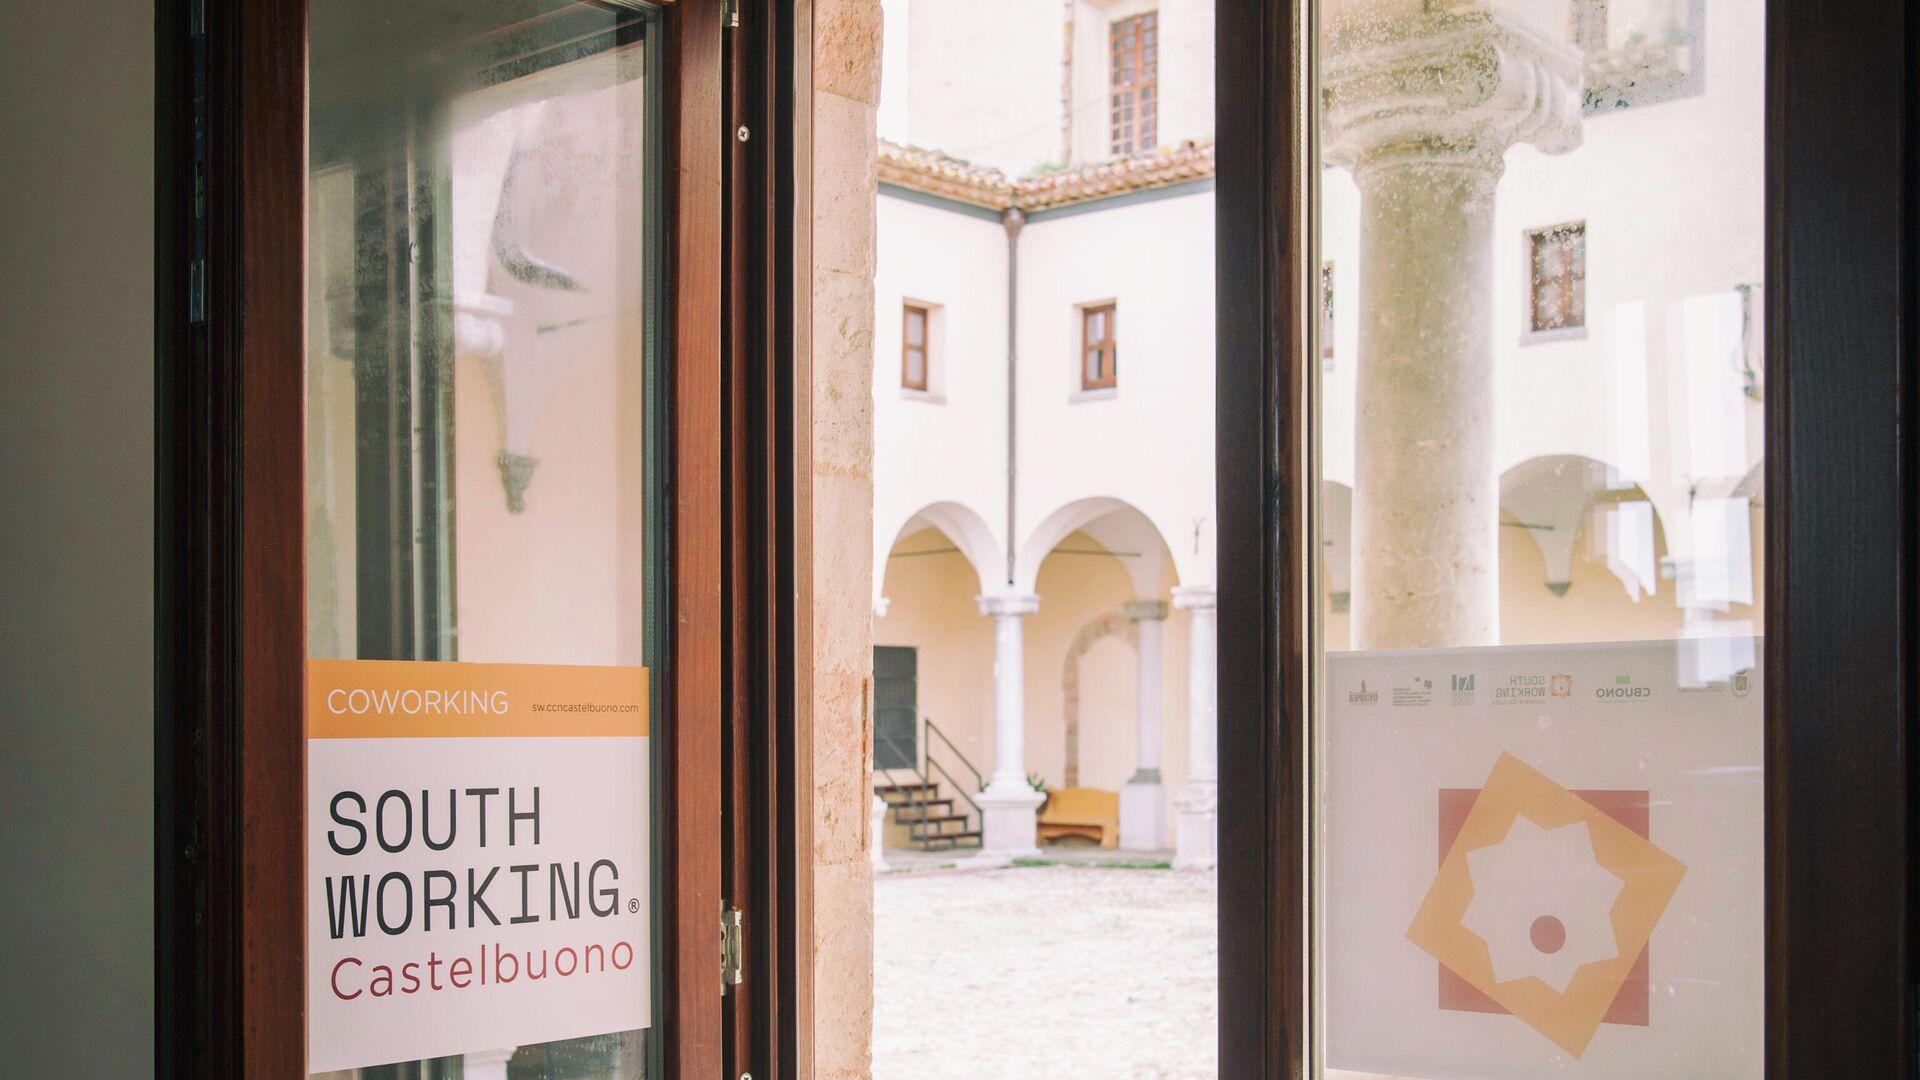 South Working Castelbuono - Sputnik Italia, 1920, 08.08.2021